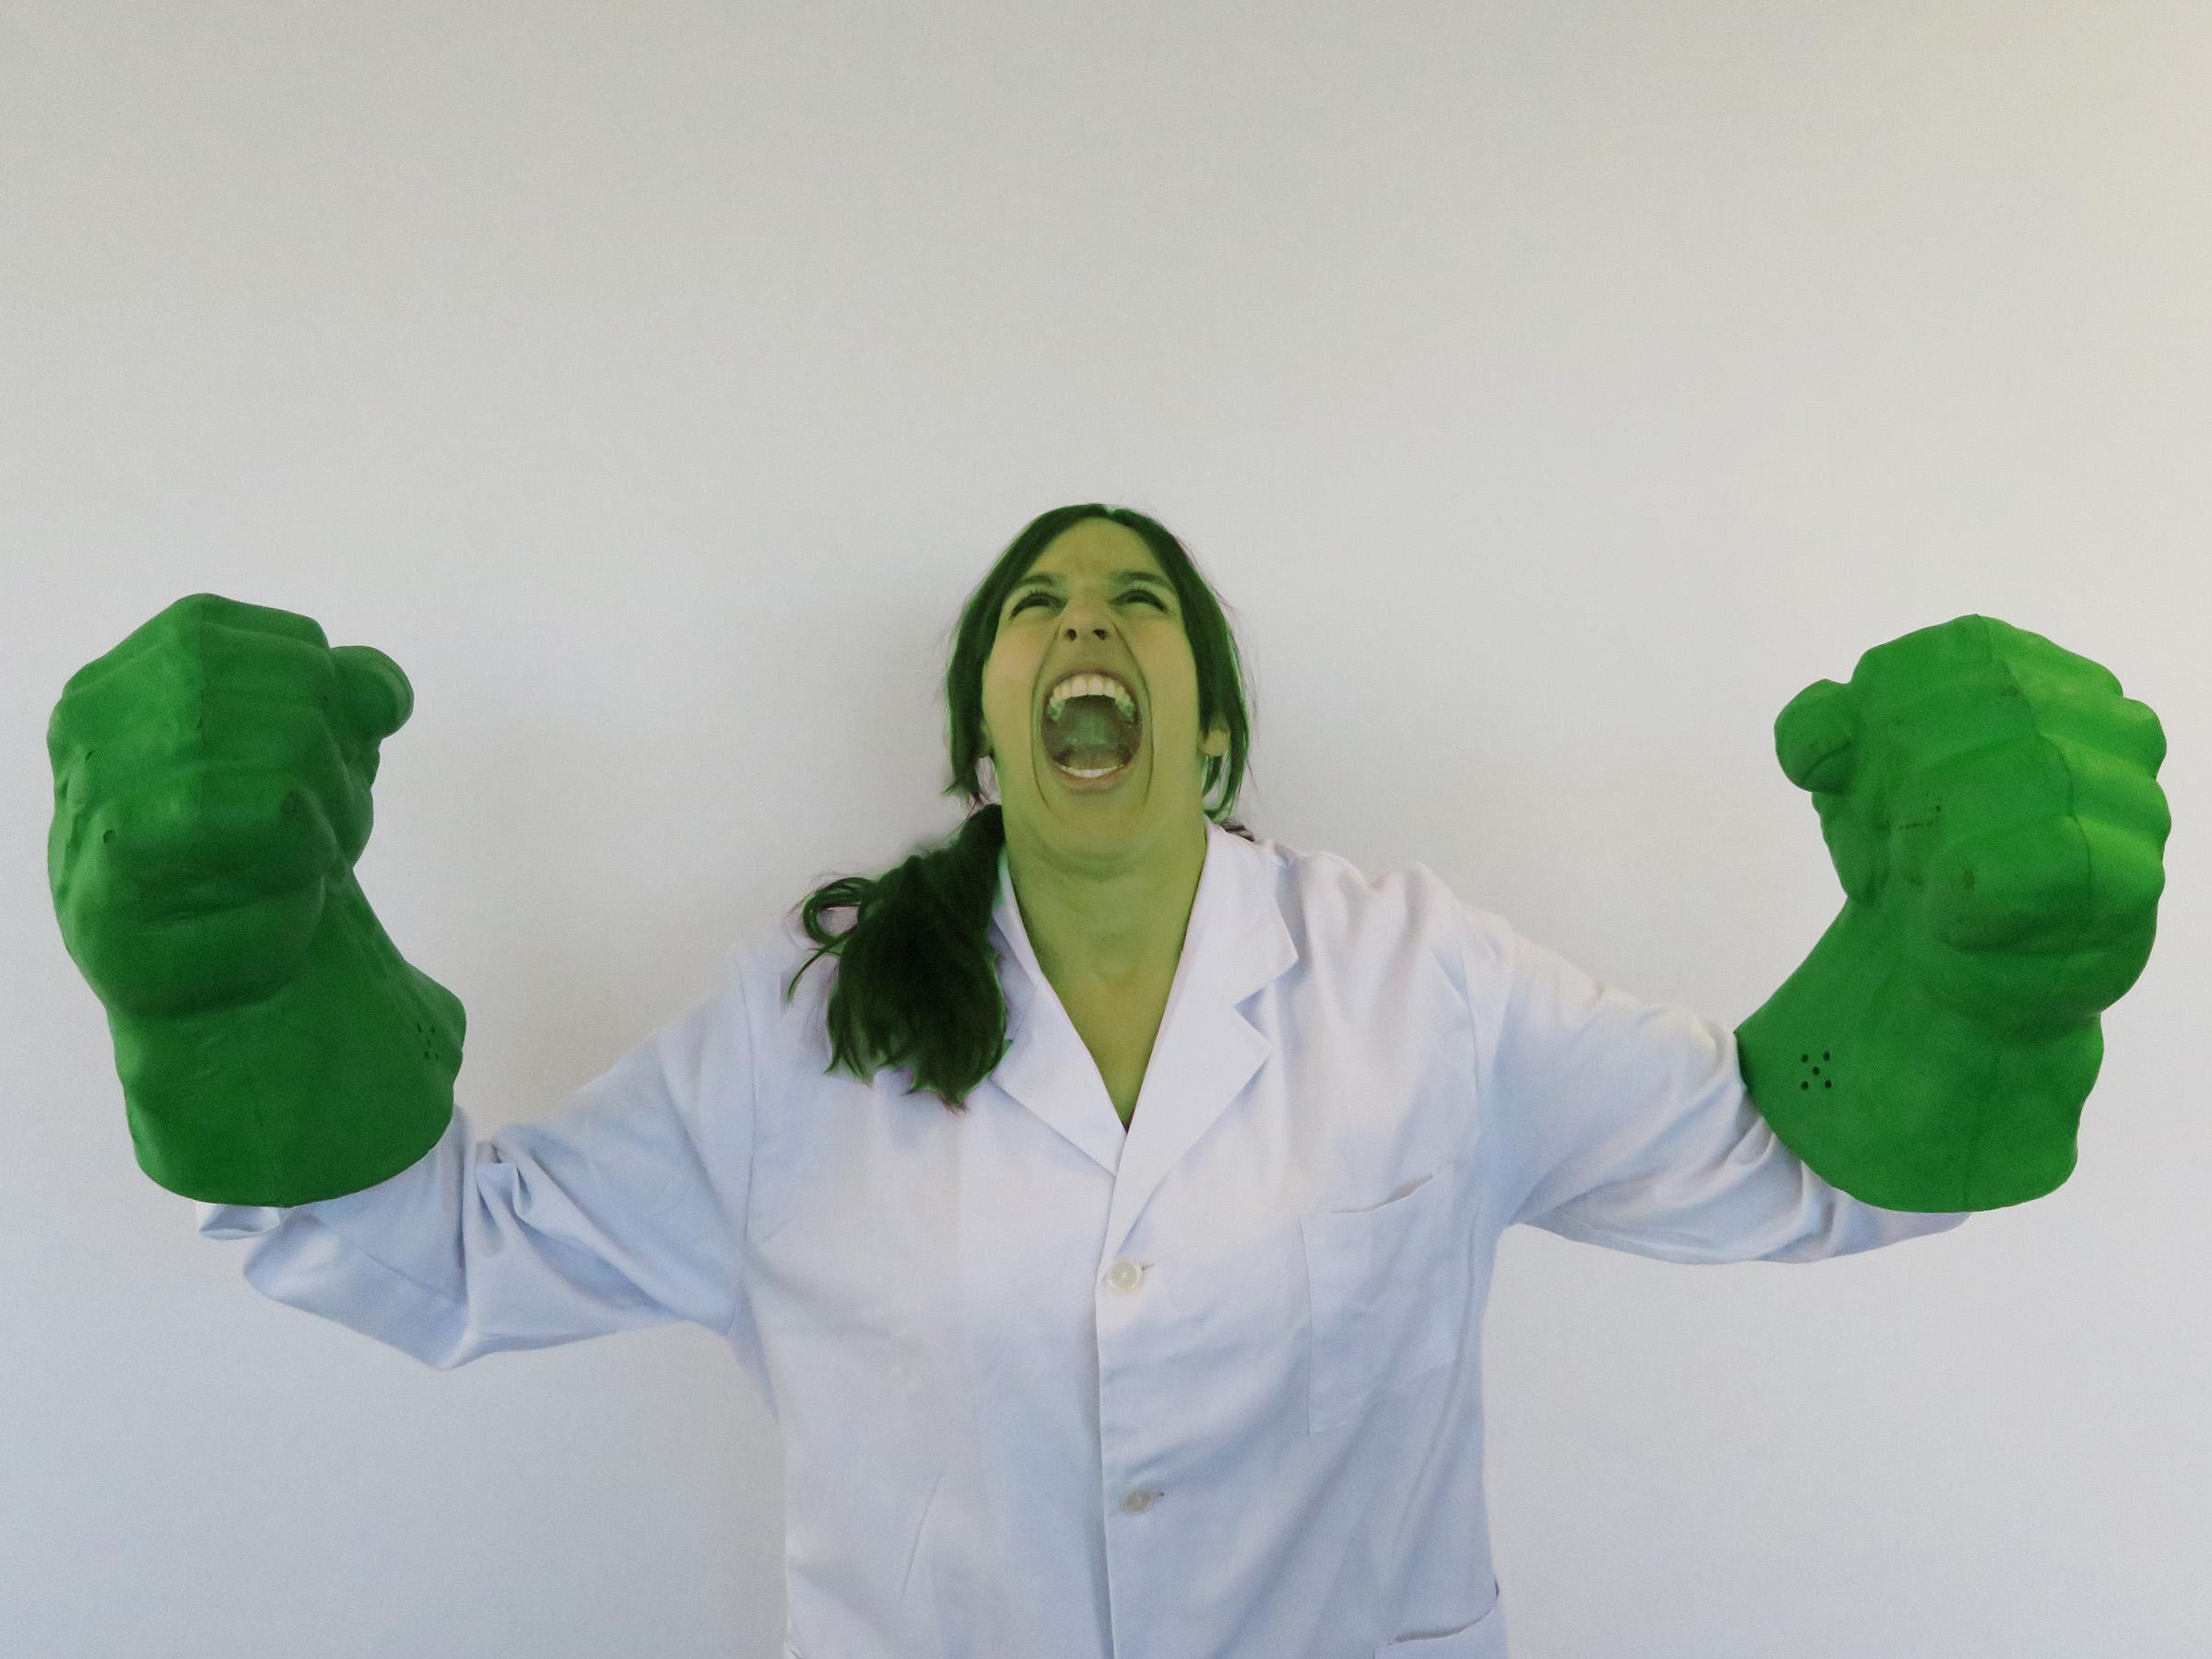 Hulk - Especialista en anuncios de alto impacto